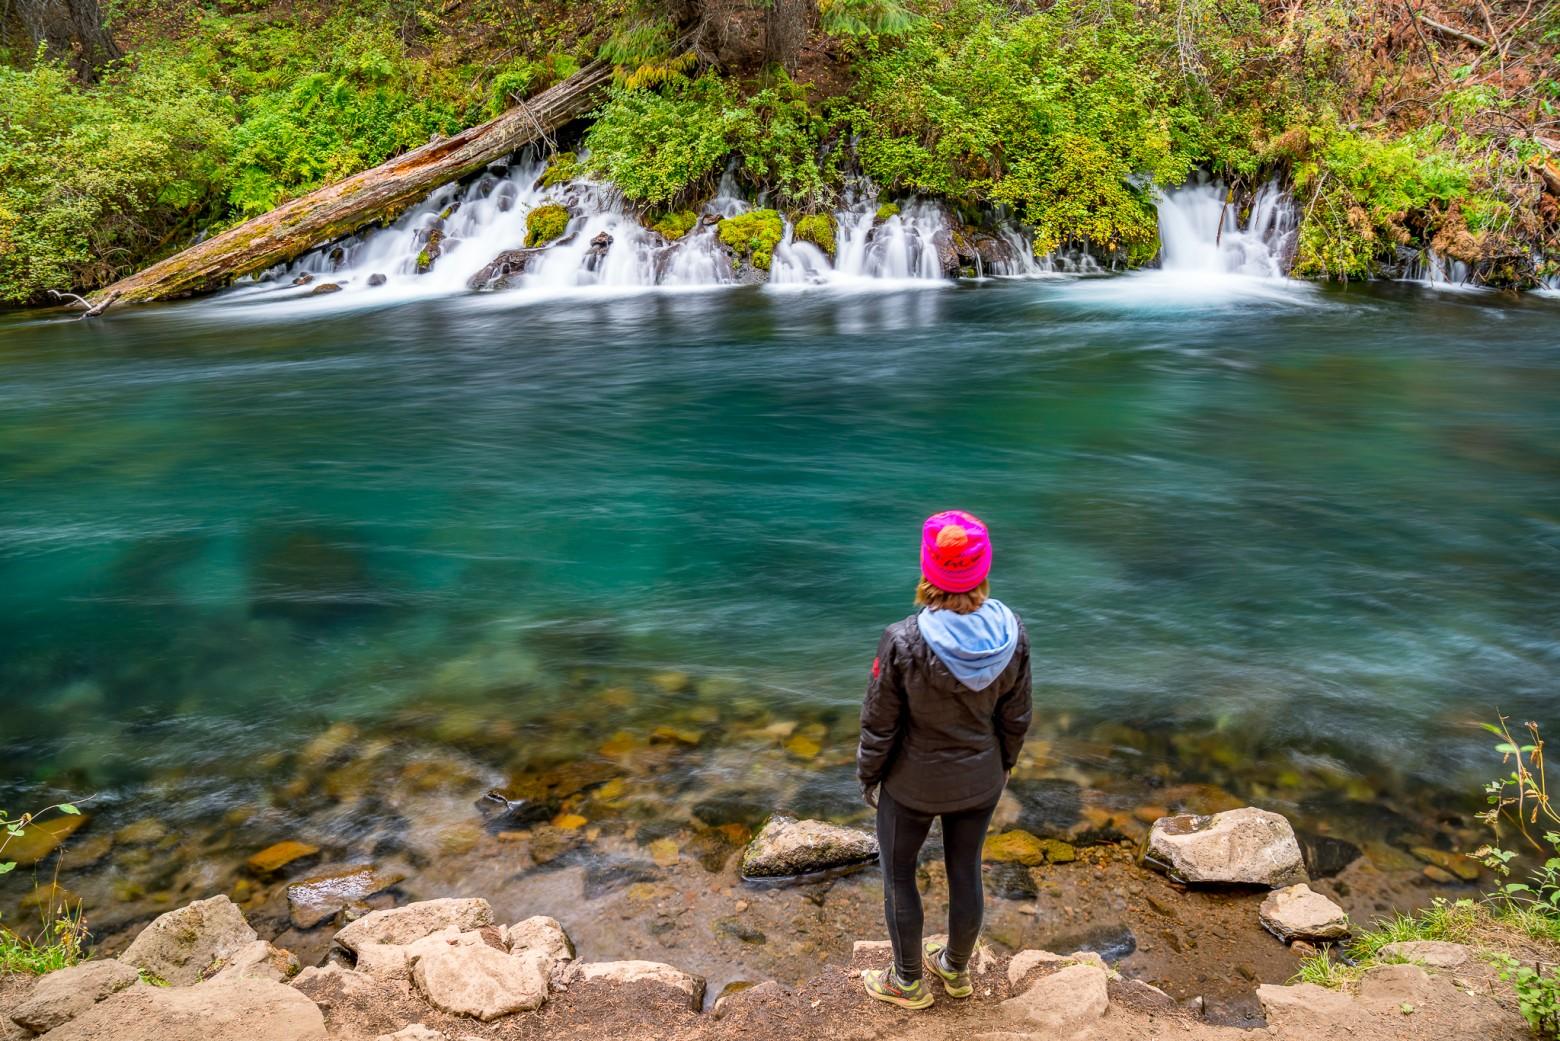 metolius river fall colors